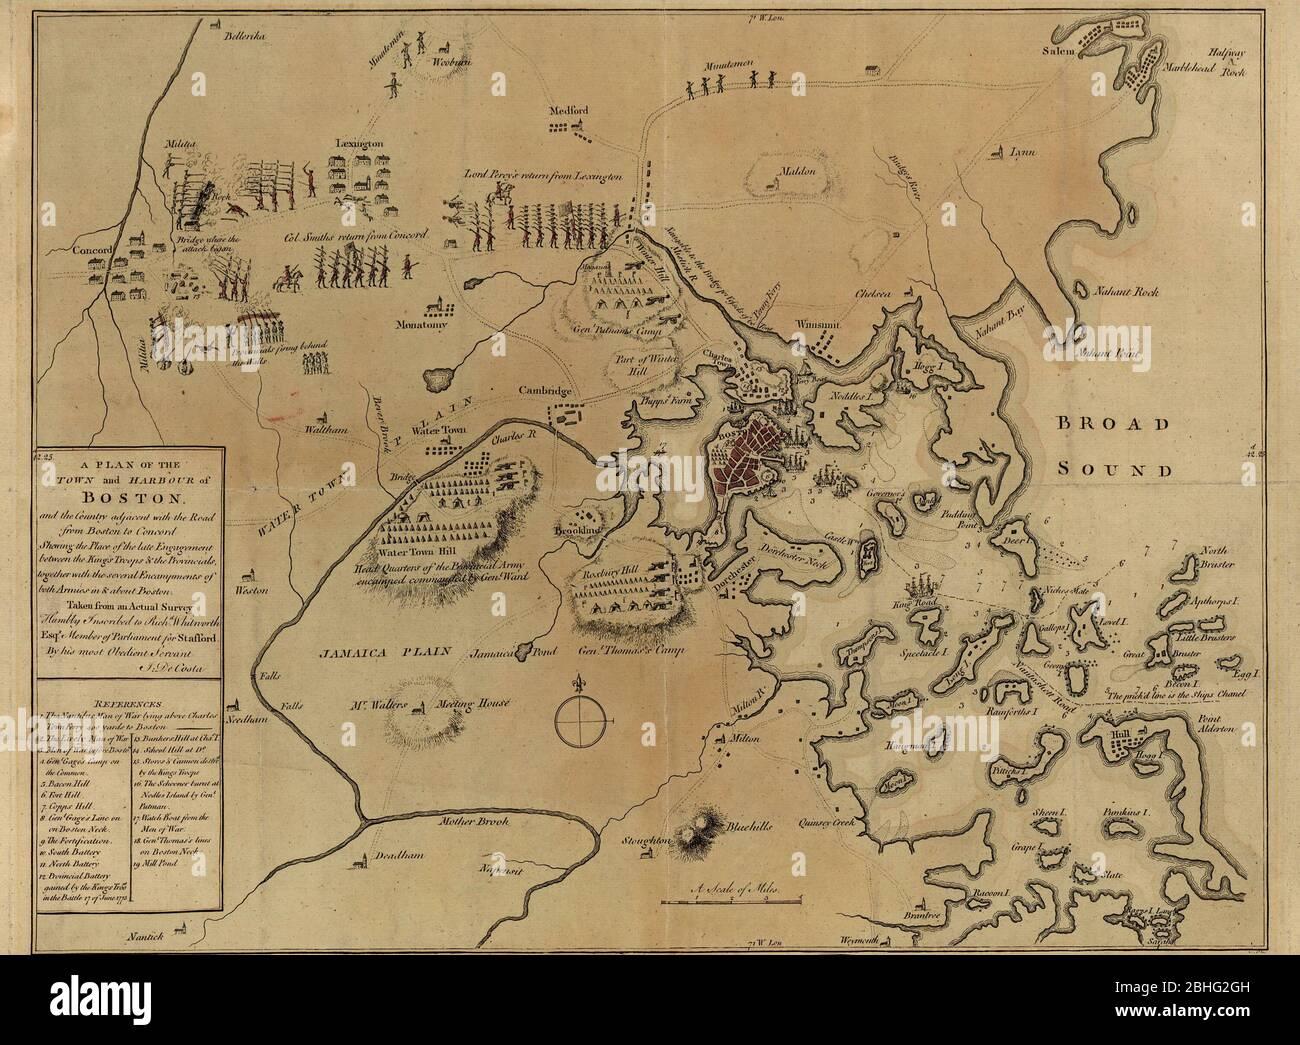 Un mapa en color a mano, casi exacto, que representa las 1775 batallas de Lexington y Concord y el asedio de Boston - 29 de julio de 1775 Foto de stock